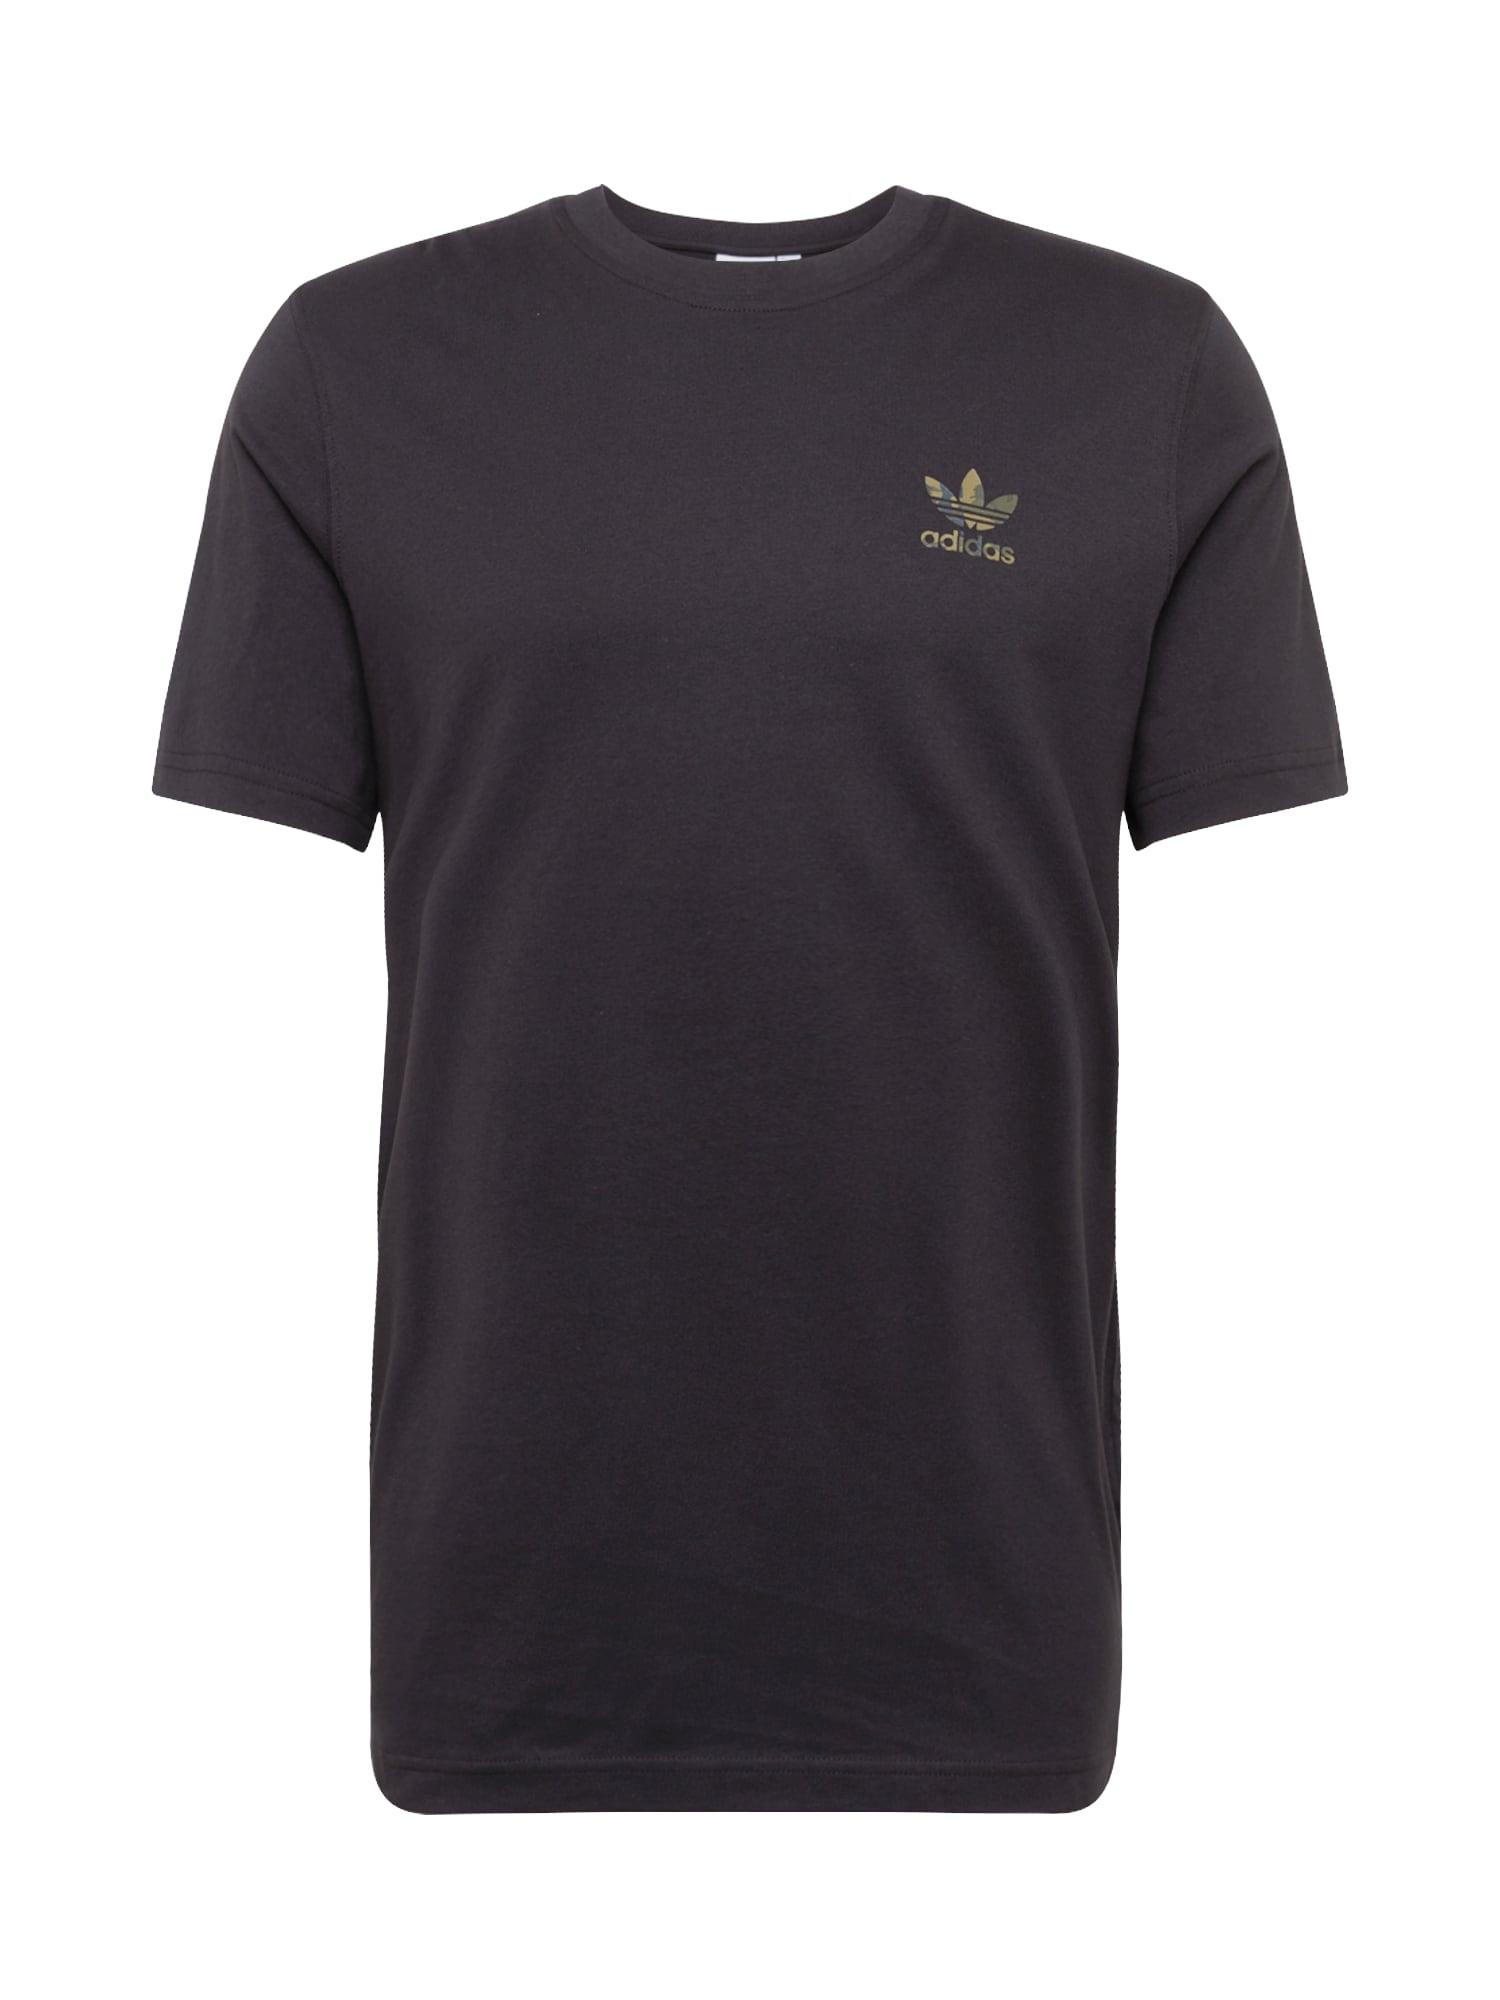 ADIDAS ORIGINALS Marškinėliai 'CAMO' juoda